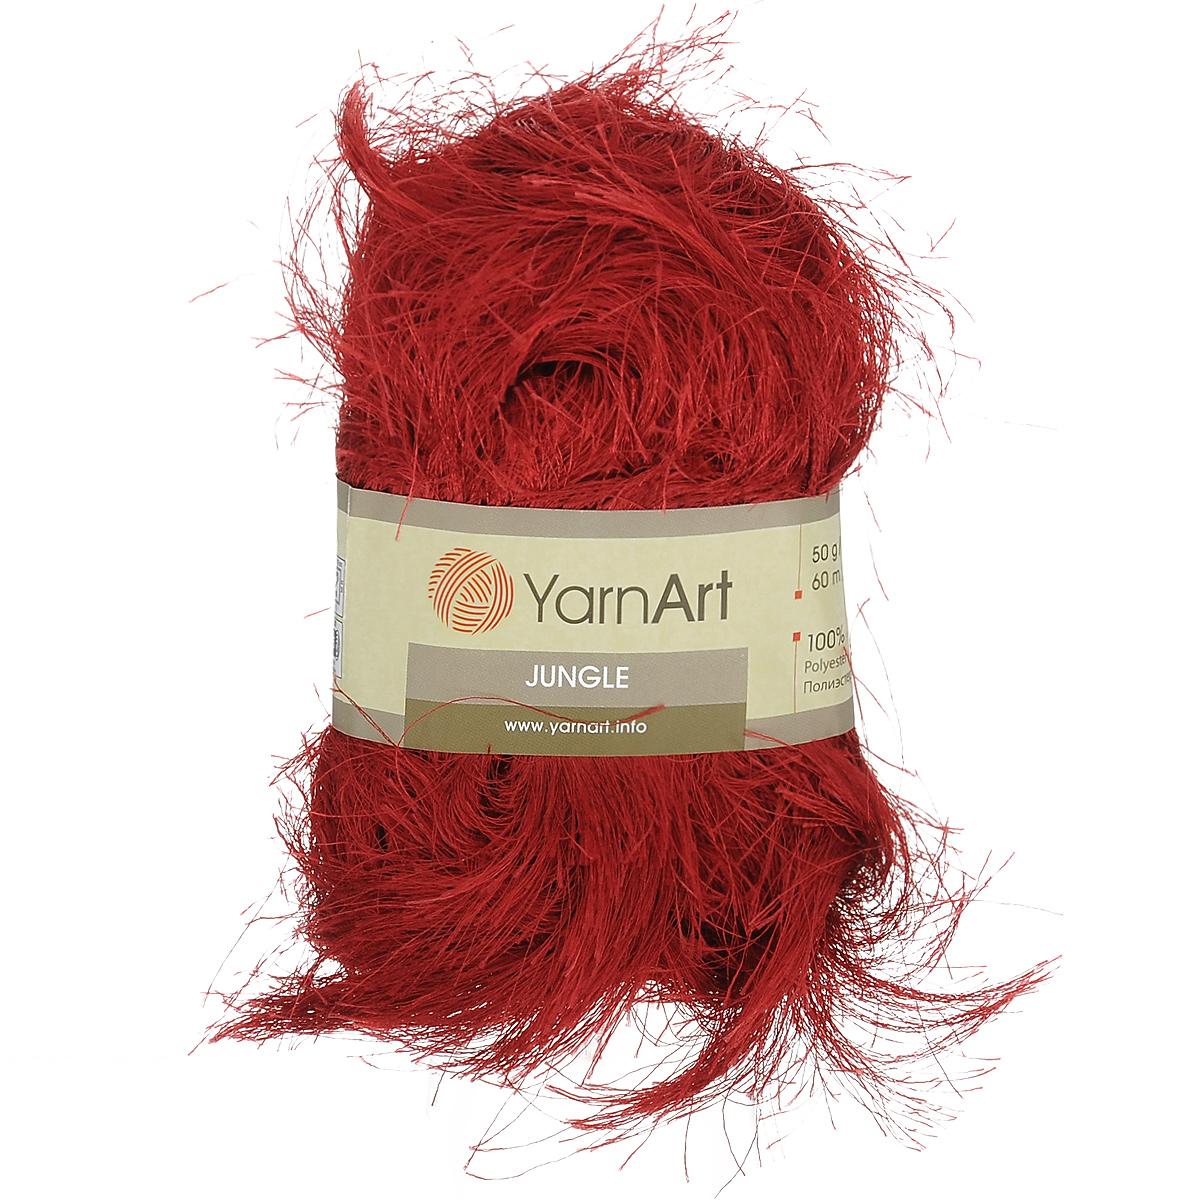 Пряжа для вязания YarnArt Jungle, цвет: бордовый (08), 60 м, 50 г, 10 шт372055_08Пряжа для вязания YarnArt Jungle изготовлена из полиэстера. Пряжа-травка предназначена для ручного вязания и идеально подходит для отделки. Готовый ворс получается равным 4 см. Рекомендованные спицы и крючок для вязания 6 мм. Комплектация: 10 мотков. Состав: 100% полиэстер.